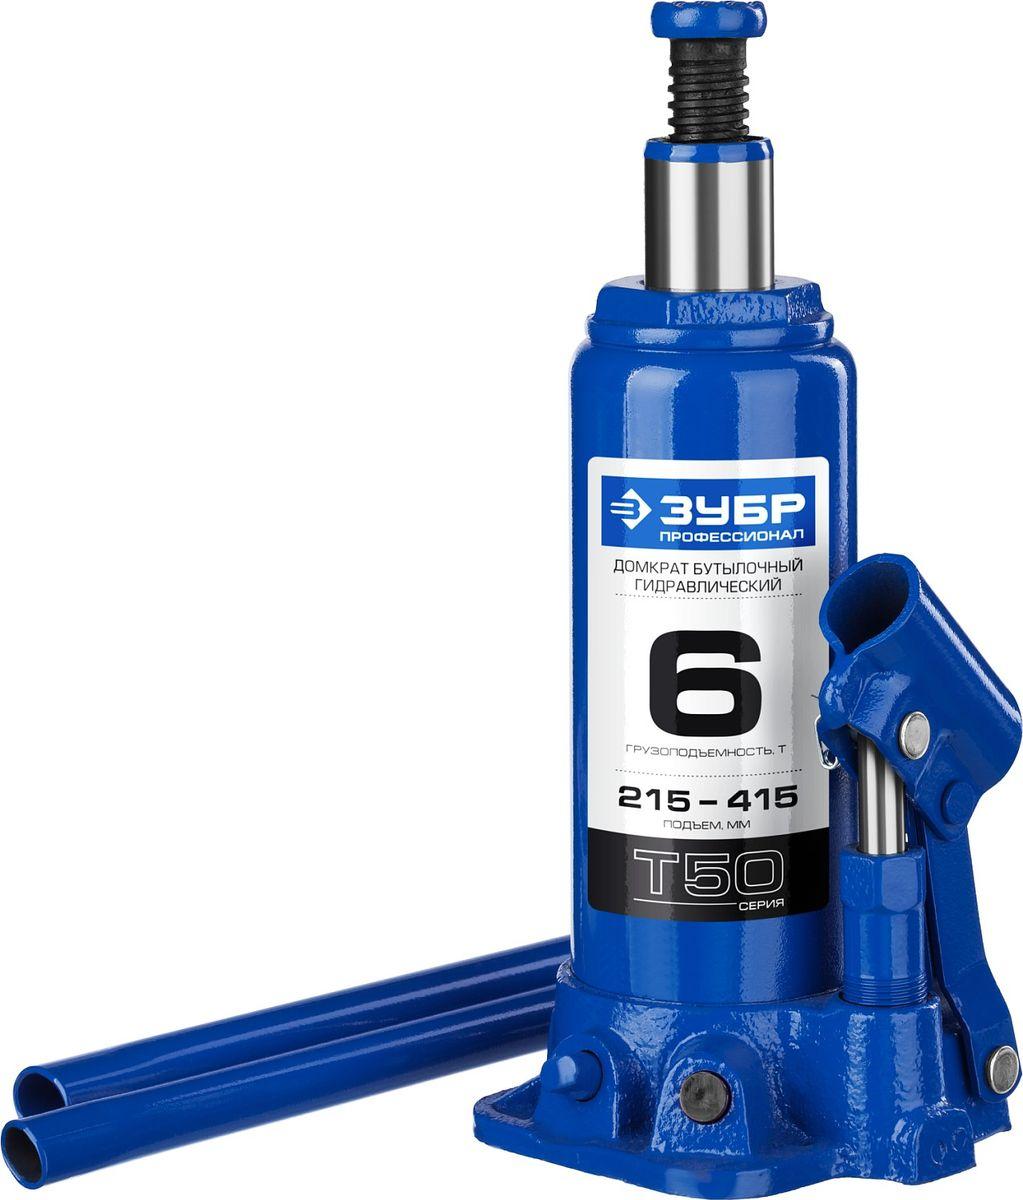 Домкрат Зубр Профессионал Т50, гидравлический бутылочный, в кейсе, 8 т, высота подъема 21,5-41,5 см43060-6-K_z01Домкрат гидравлический бутылочный Зубр 43060-6-K_z01, используется при проведении ремонтно-строительных работах. Компактность, небольшой вес и высокая грузоподъемность. Часто используется для обслуживания автомобилей или при работах связанных с ремонтом фундаментов. Компактный. Высокая грузоподъемность.